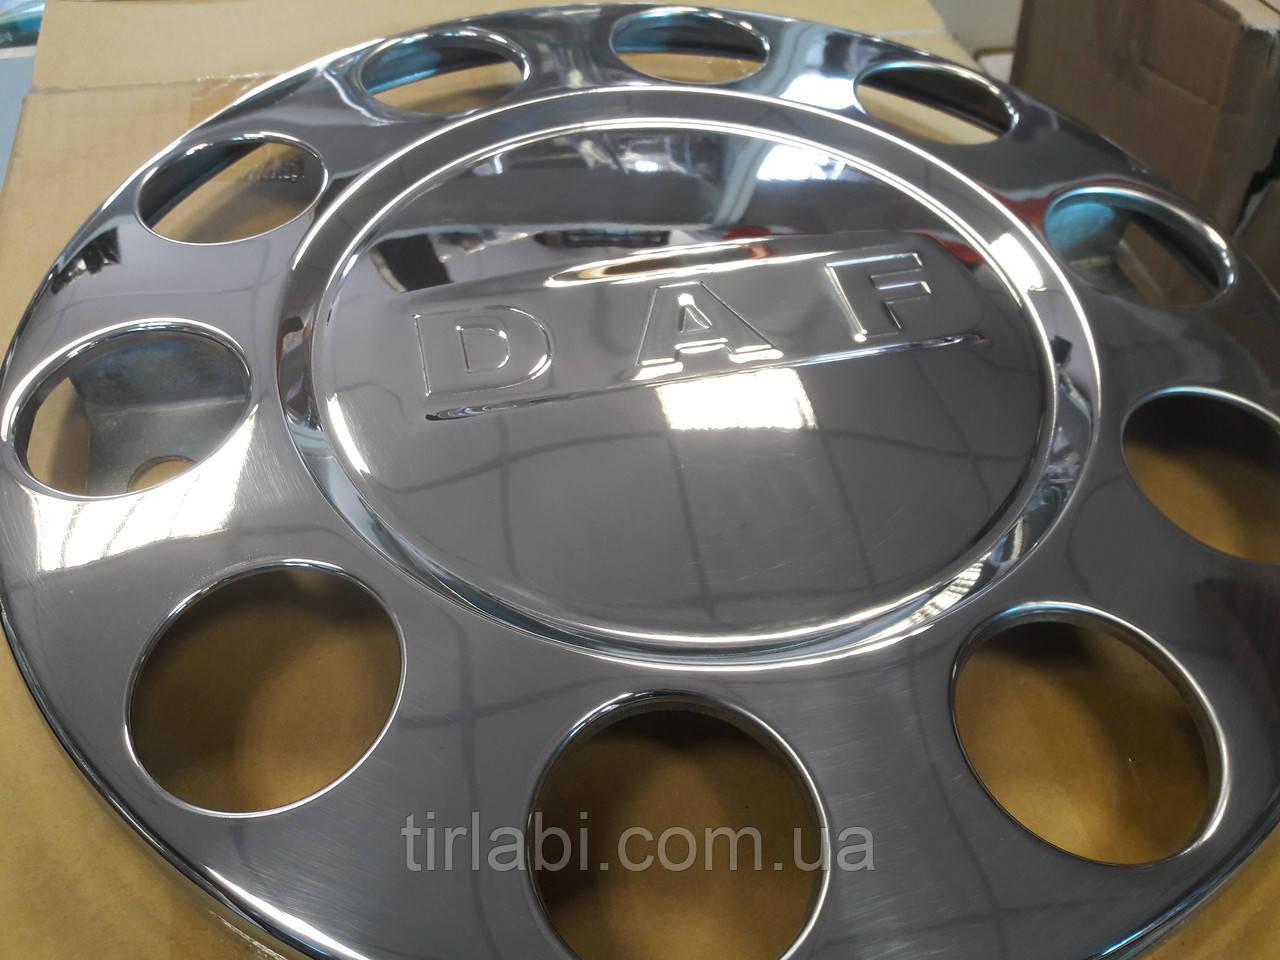 Колпаки даф daf xf 95 105 колпак колеса защита 22,5 ковпак нержа